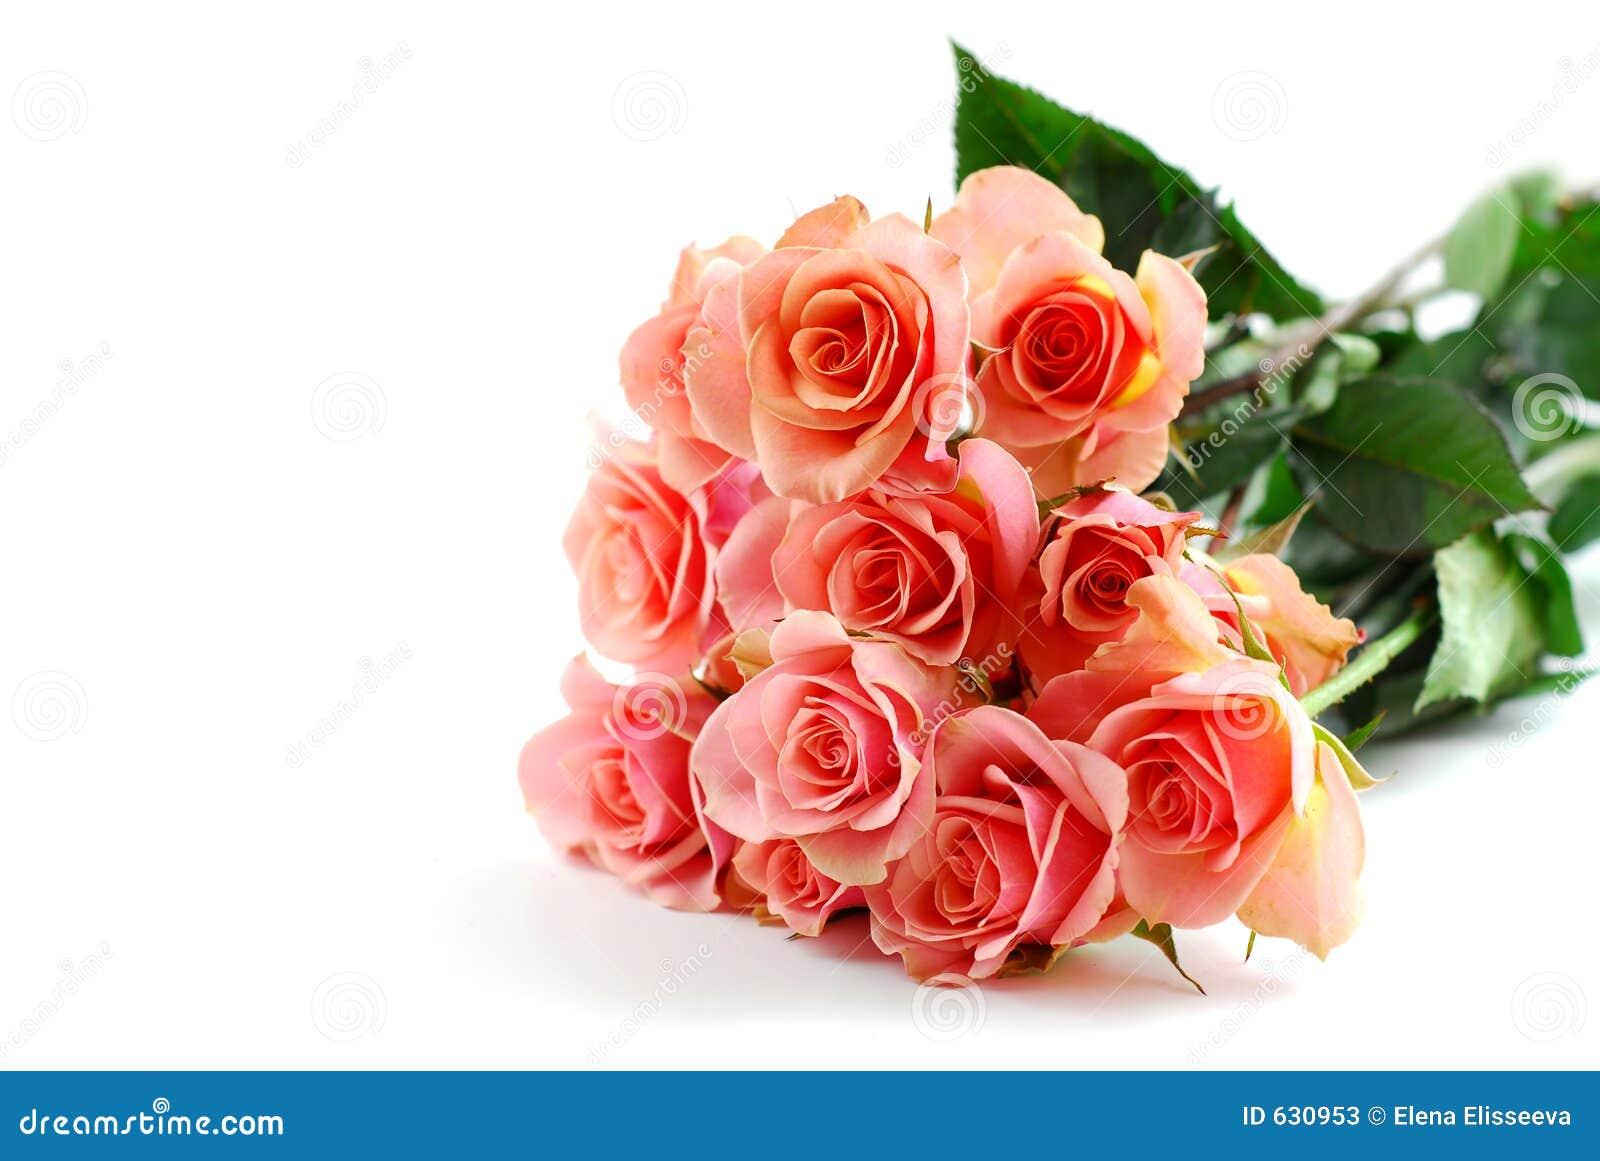 Rosafarbener Blumenstrauß des Rosas auf Weiß